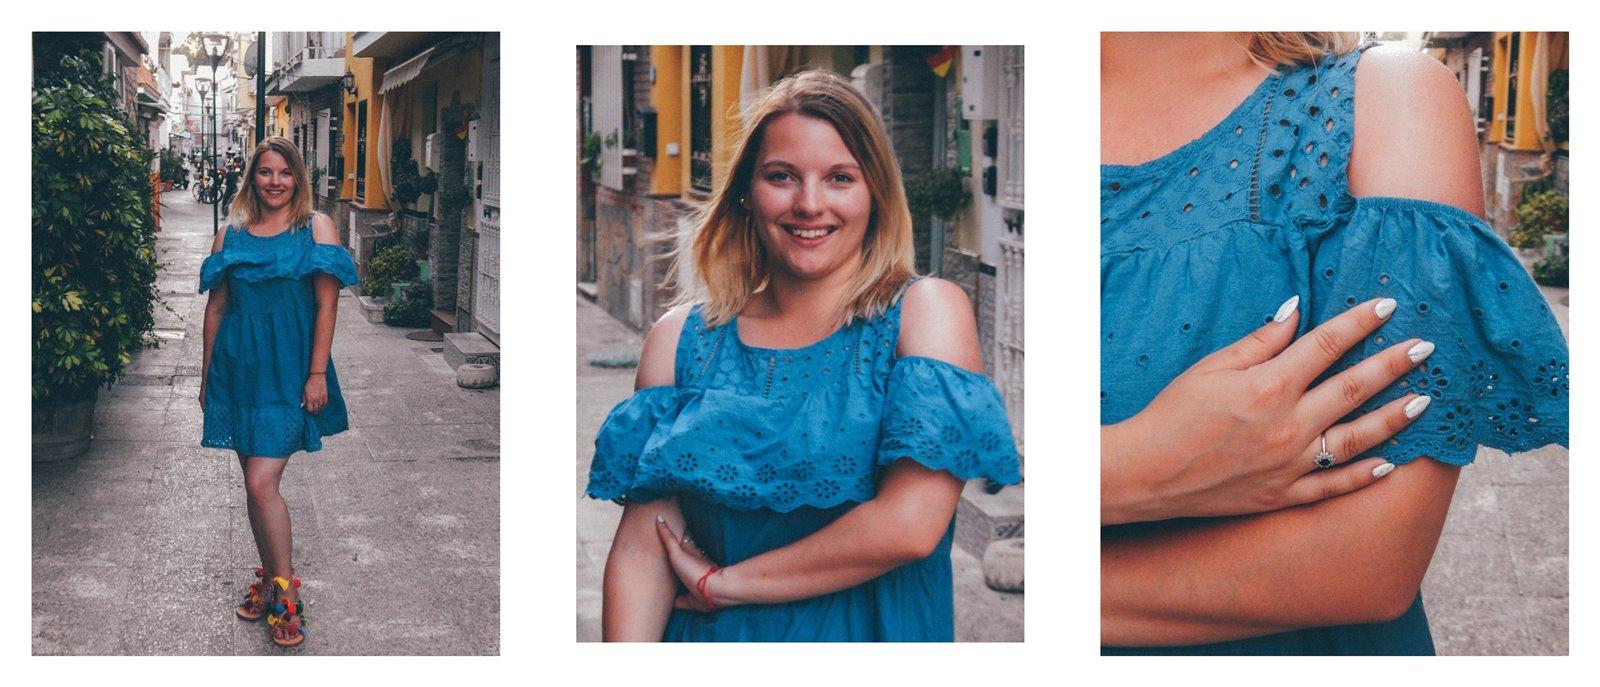 3a kaszmir clothes ubrania polskie sklepy butiki warte uwagi blog lifestyle moda uroda najlepsze polskie blogi łódzka blogerka modowa łódź blog lifestyle moda fashion inspiracje hiszpania malaga podróże travel style